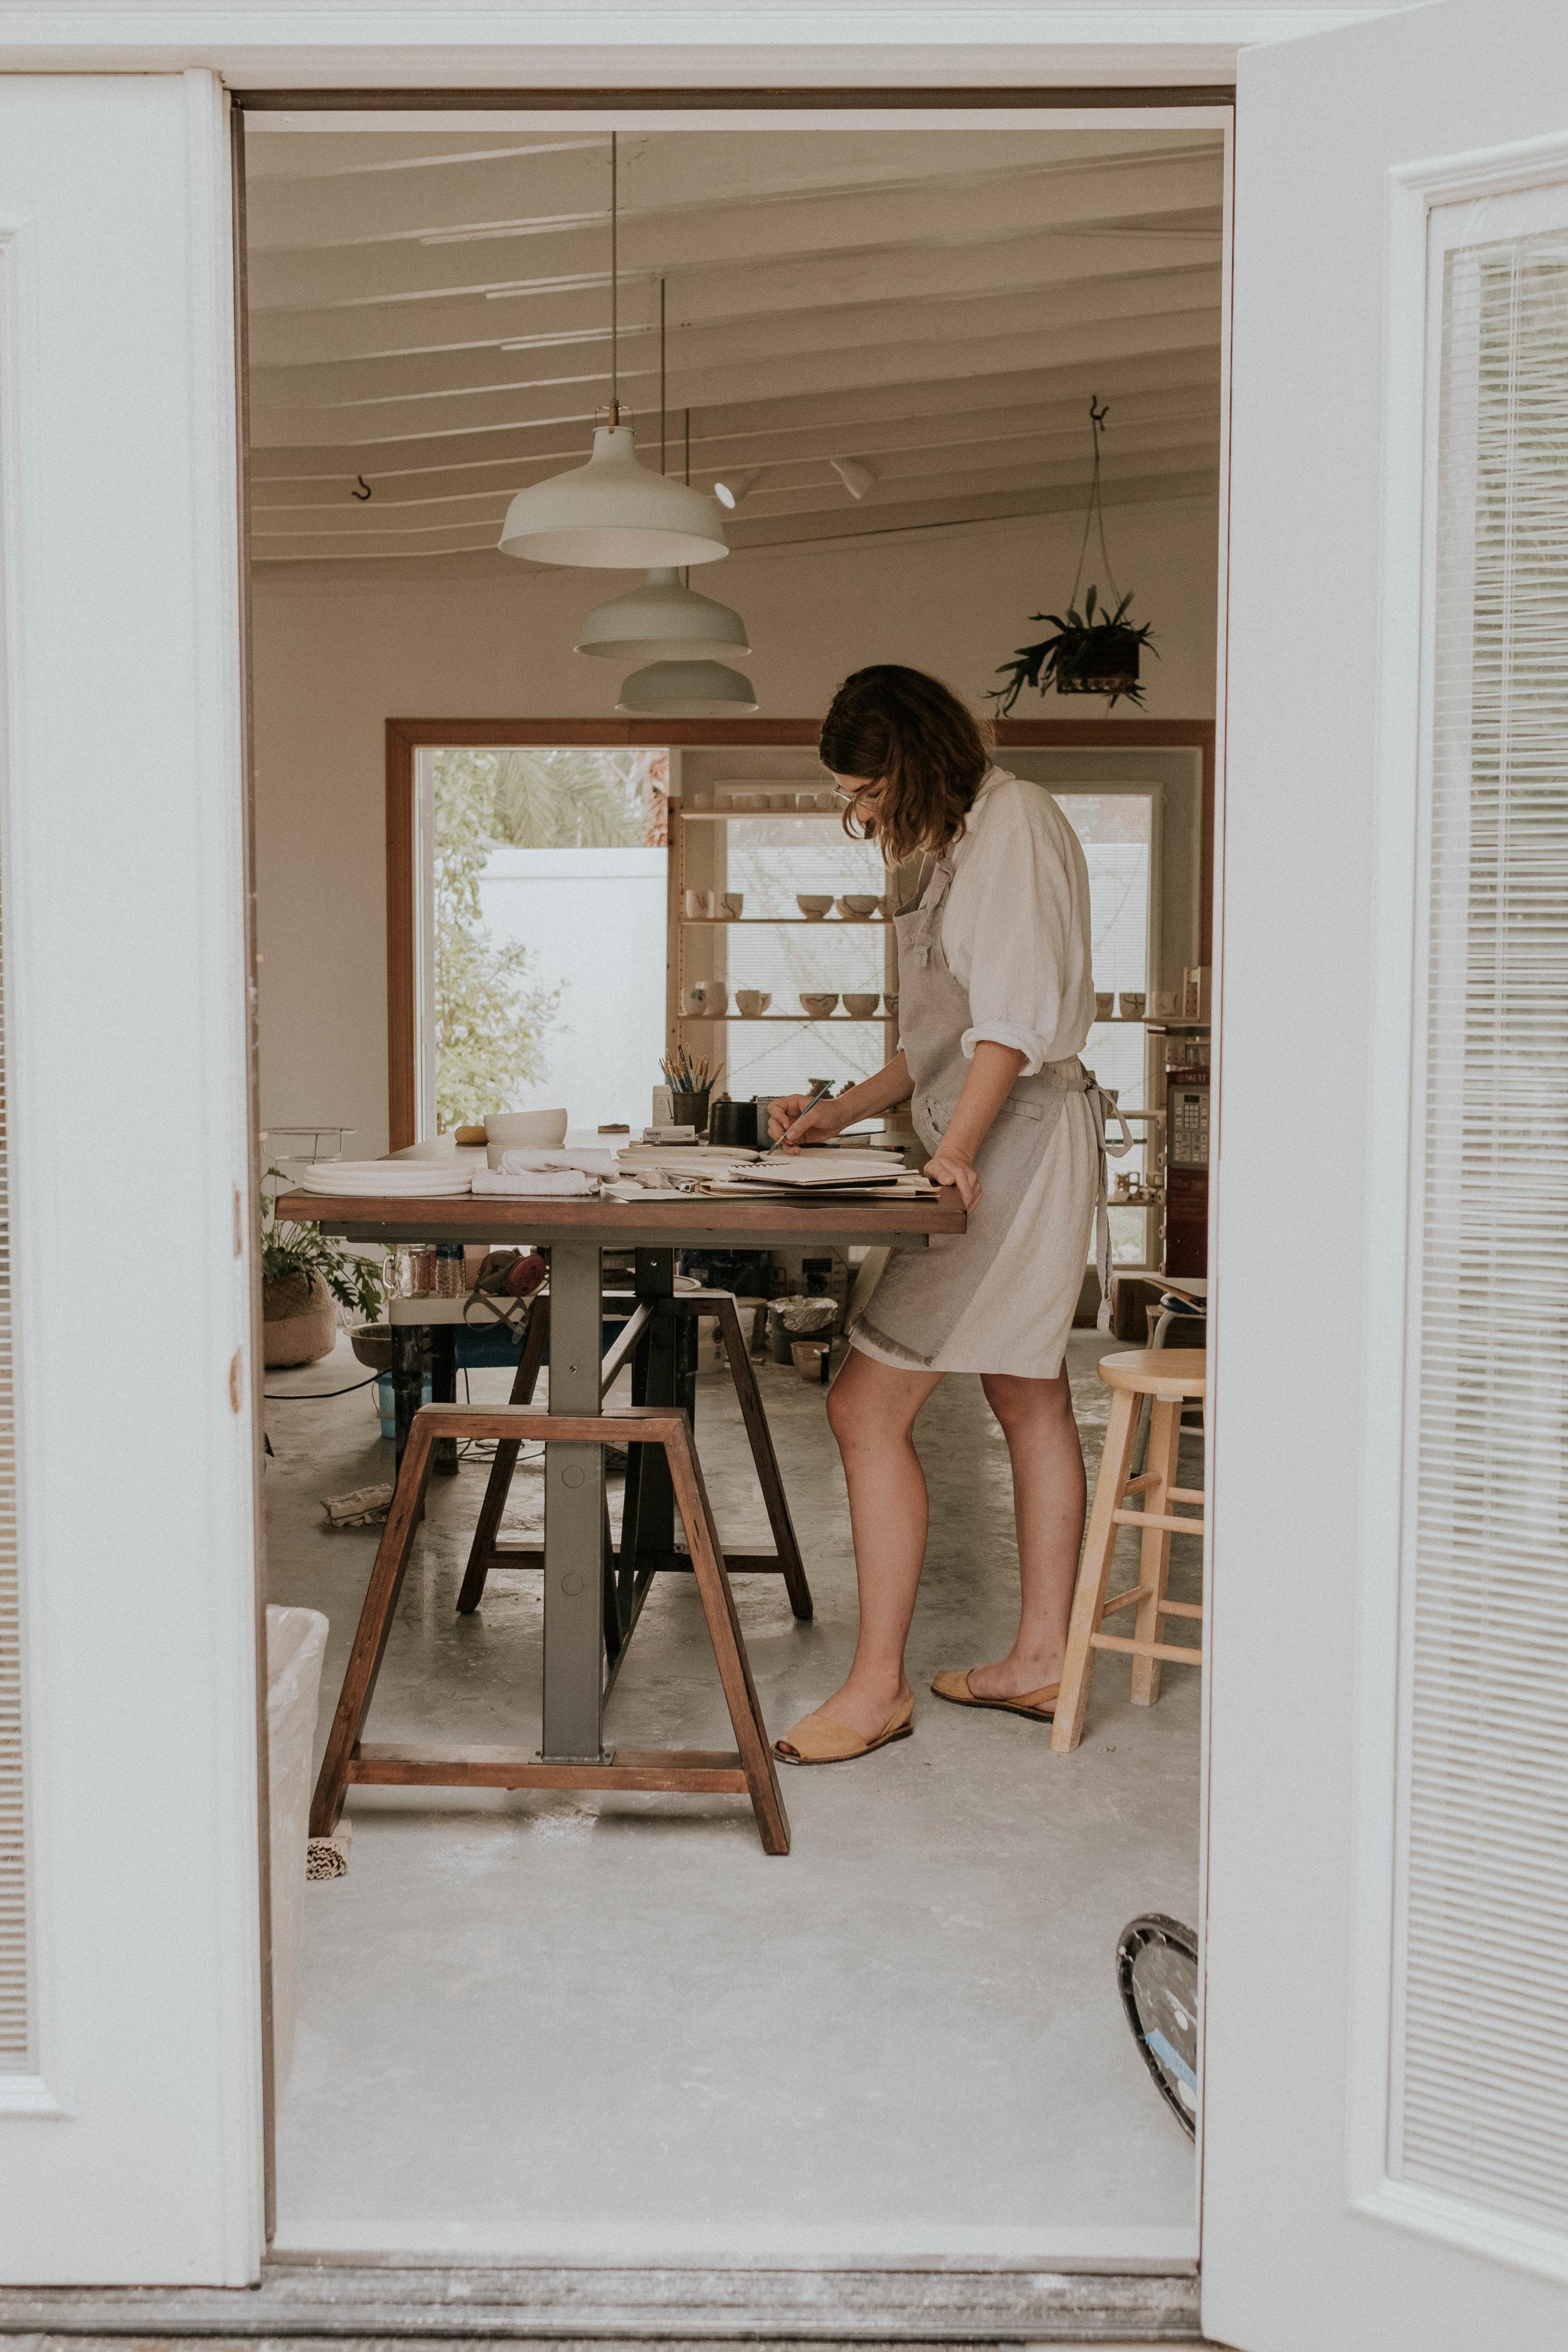 Another perspective of Lauren's stunning studio